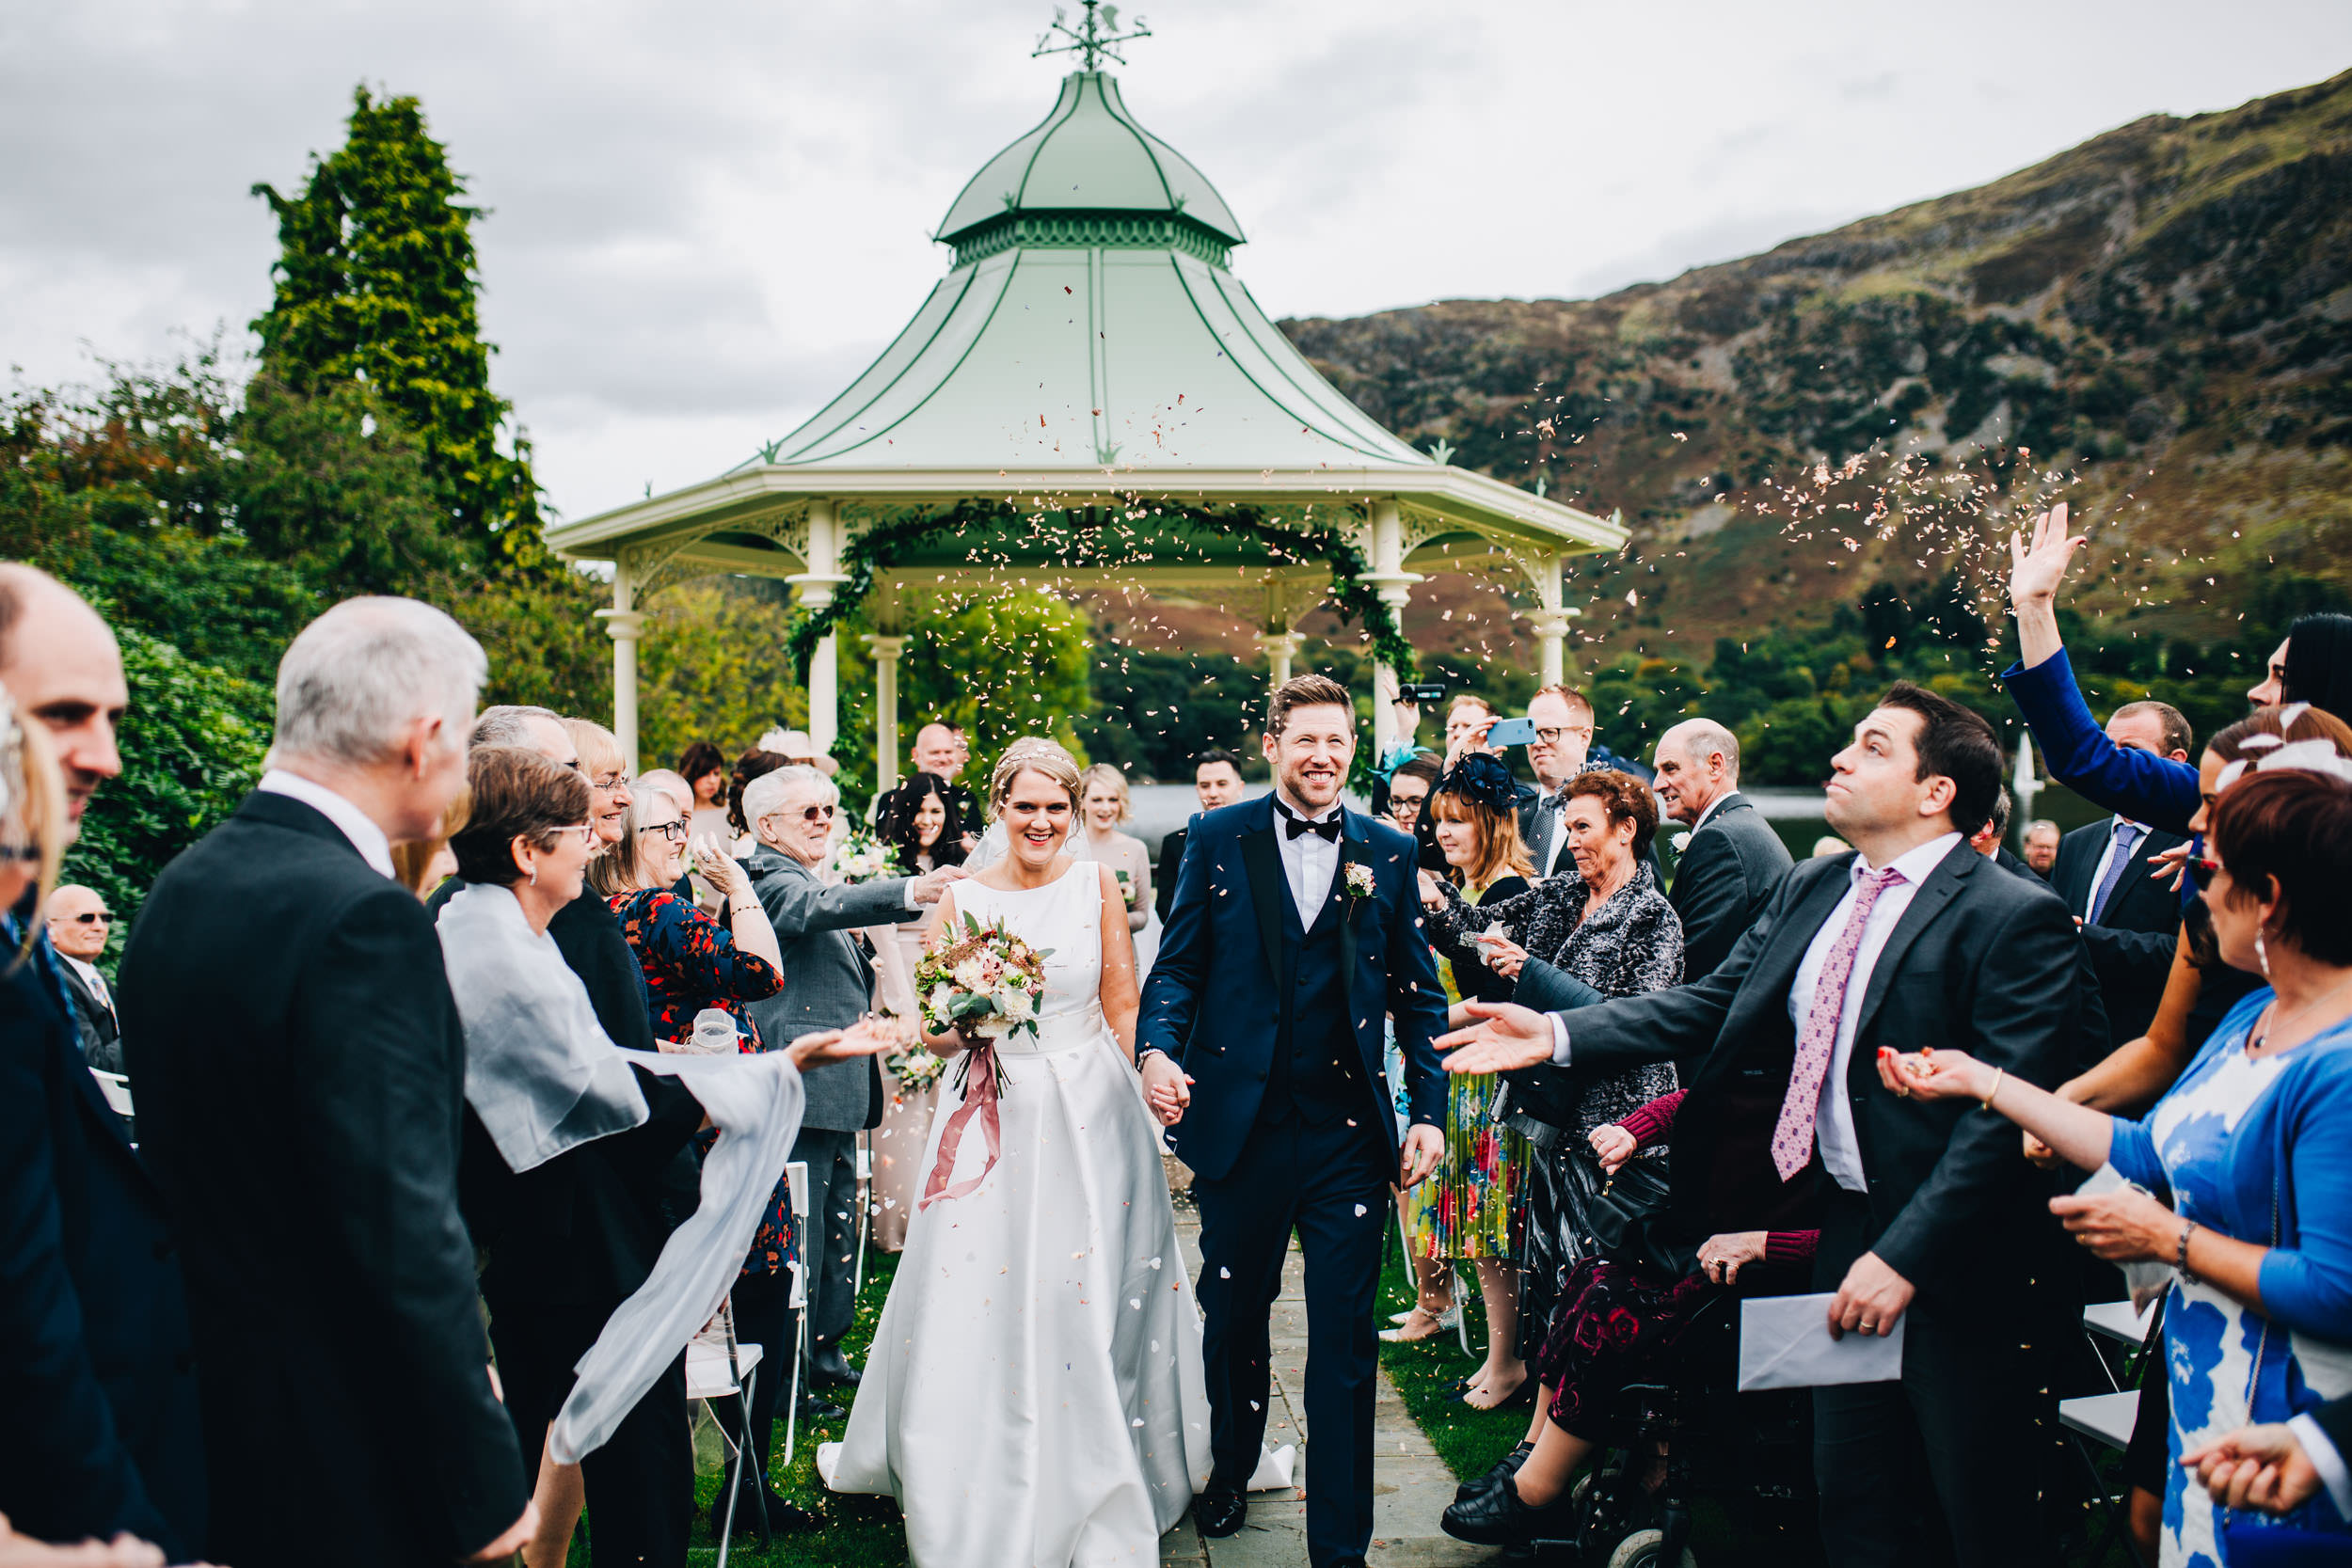 confetti - outdoor wedding ceremony